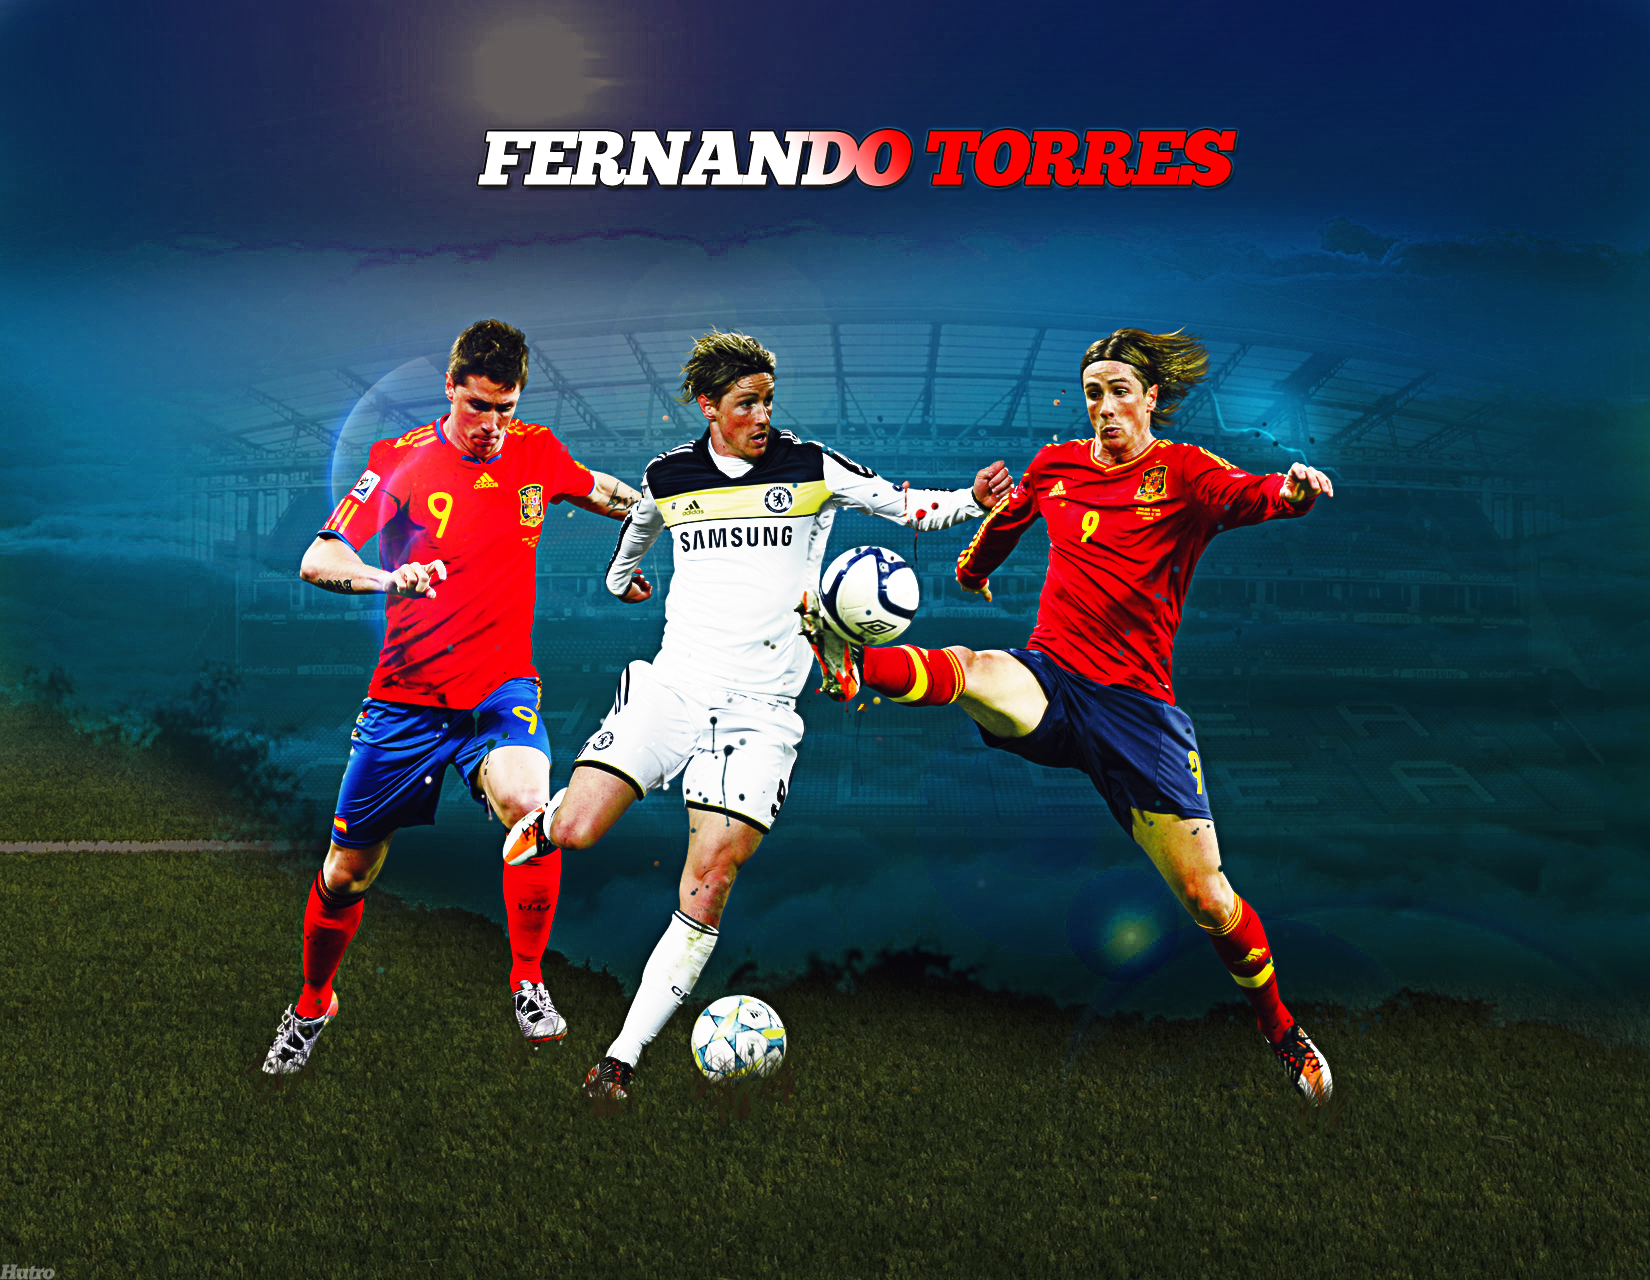 Fernando Torres Hi ReS Wallpapers   Football Wallpaper HD Football 1650x1280